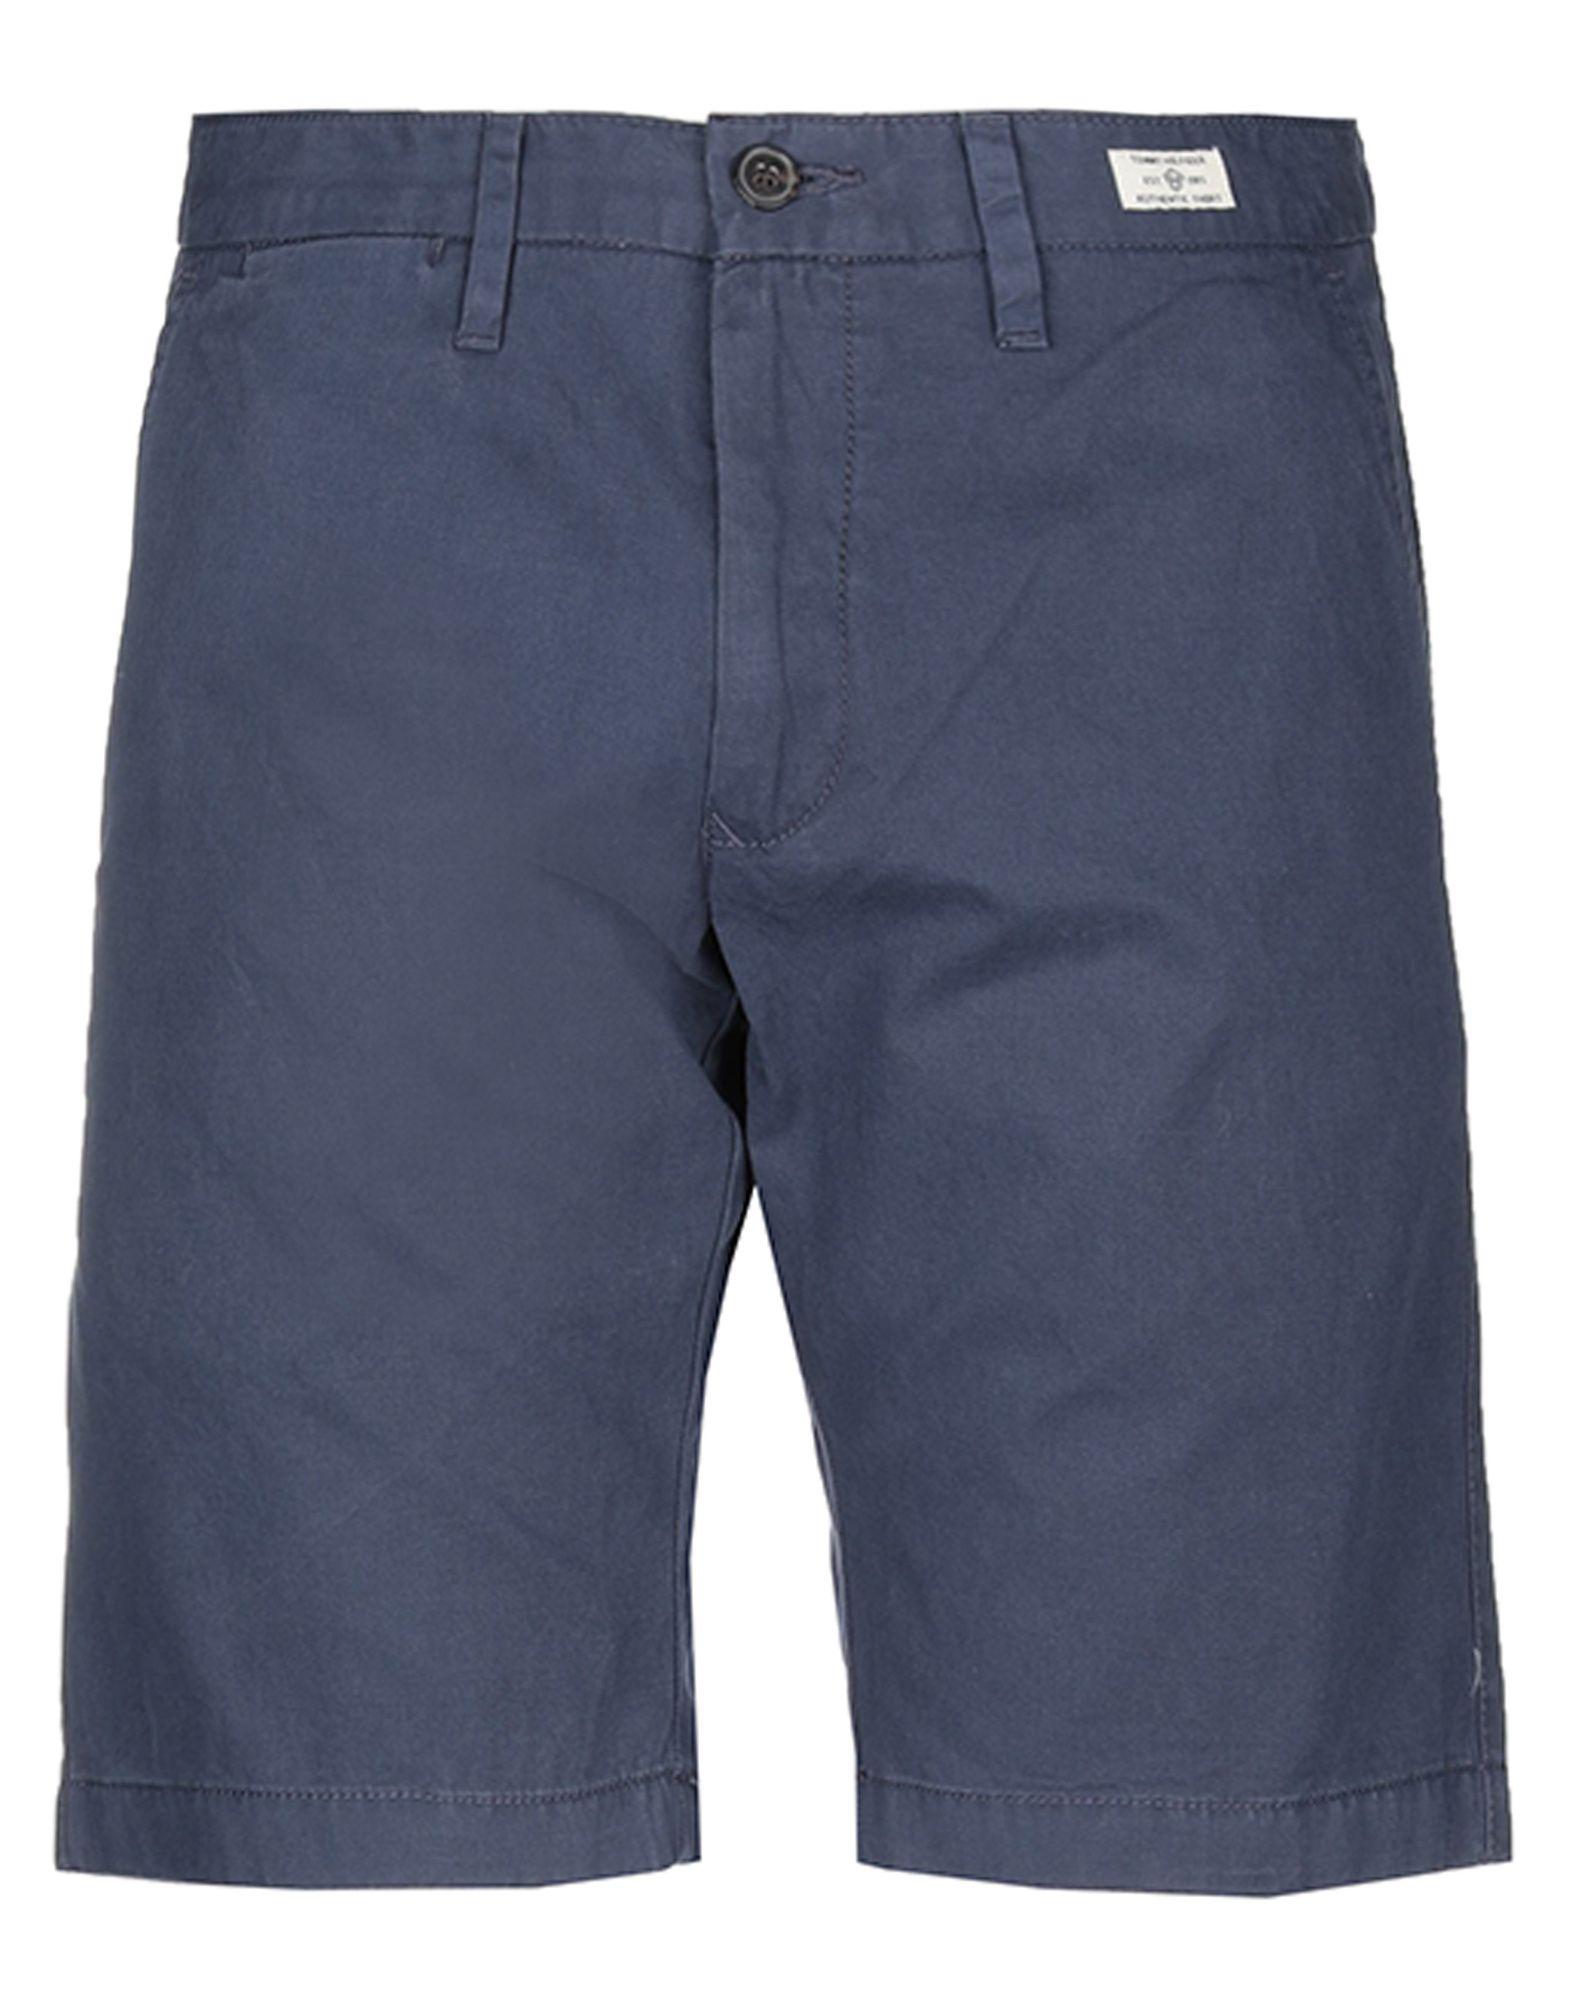 TOMMY HILFIGER Herren Bermudashorts4 blau